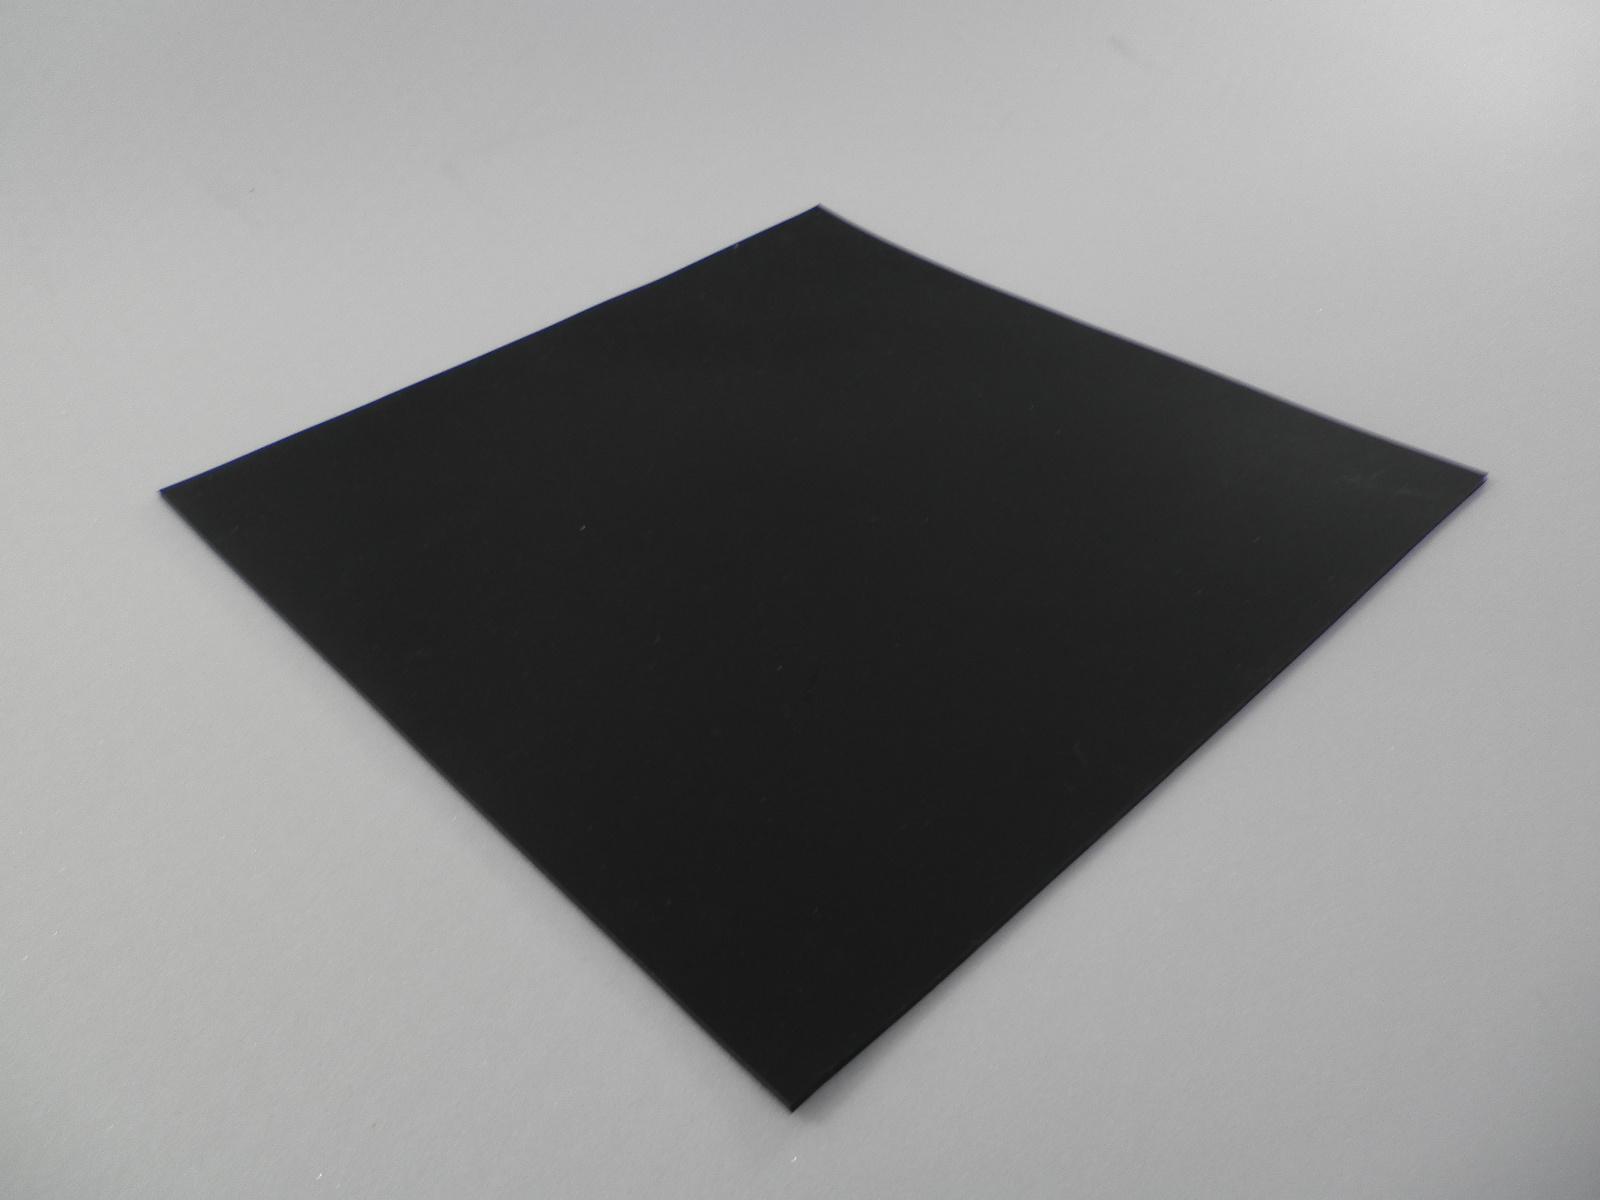 超耐熱(300℃まで可)シリコンゴムシート50°黒  厚さ 2mm×230mm230mm 5枚入り